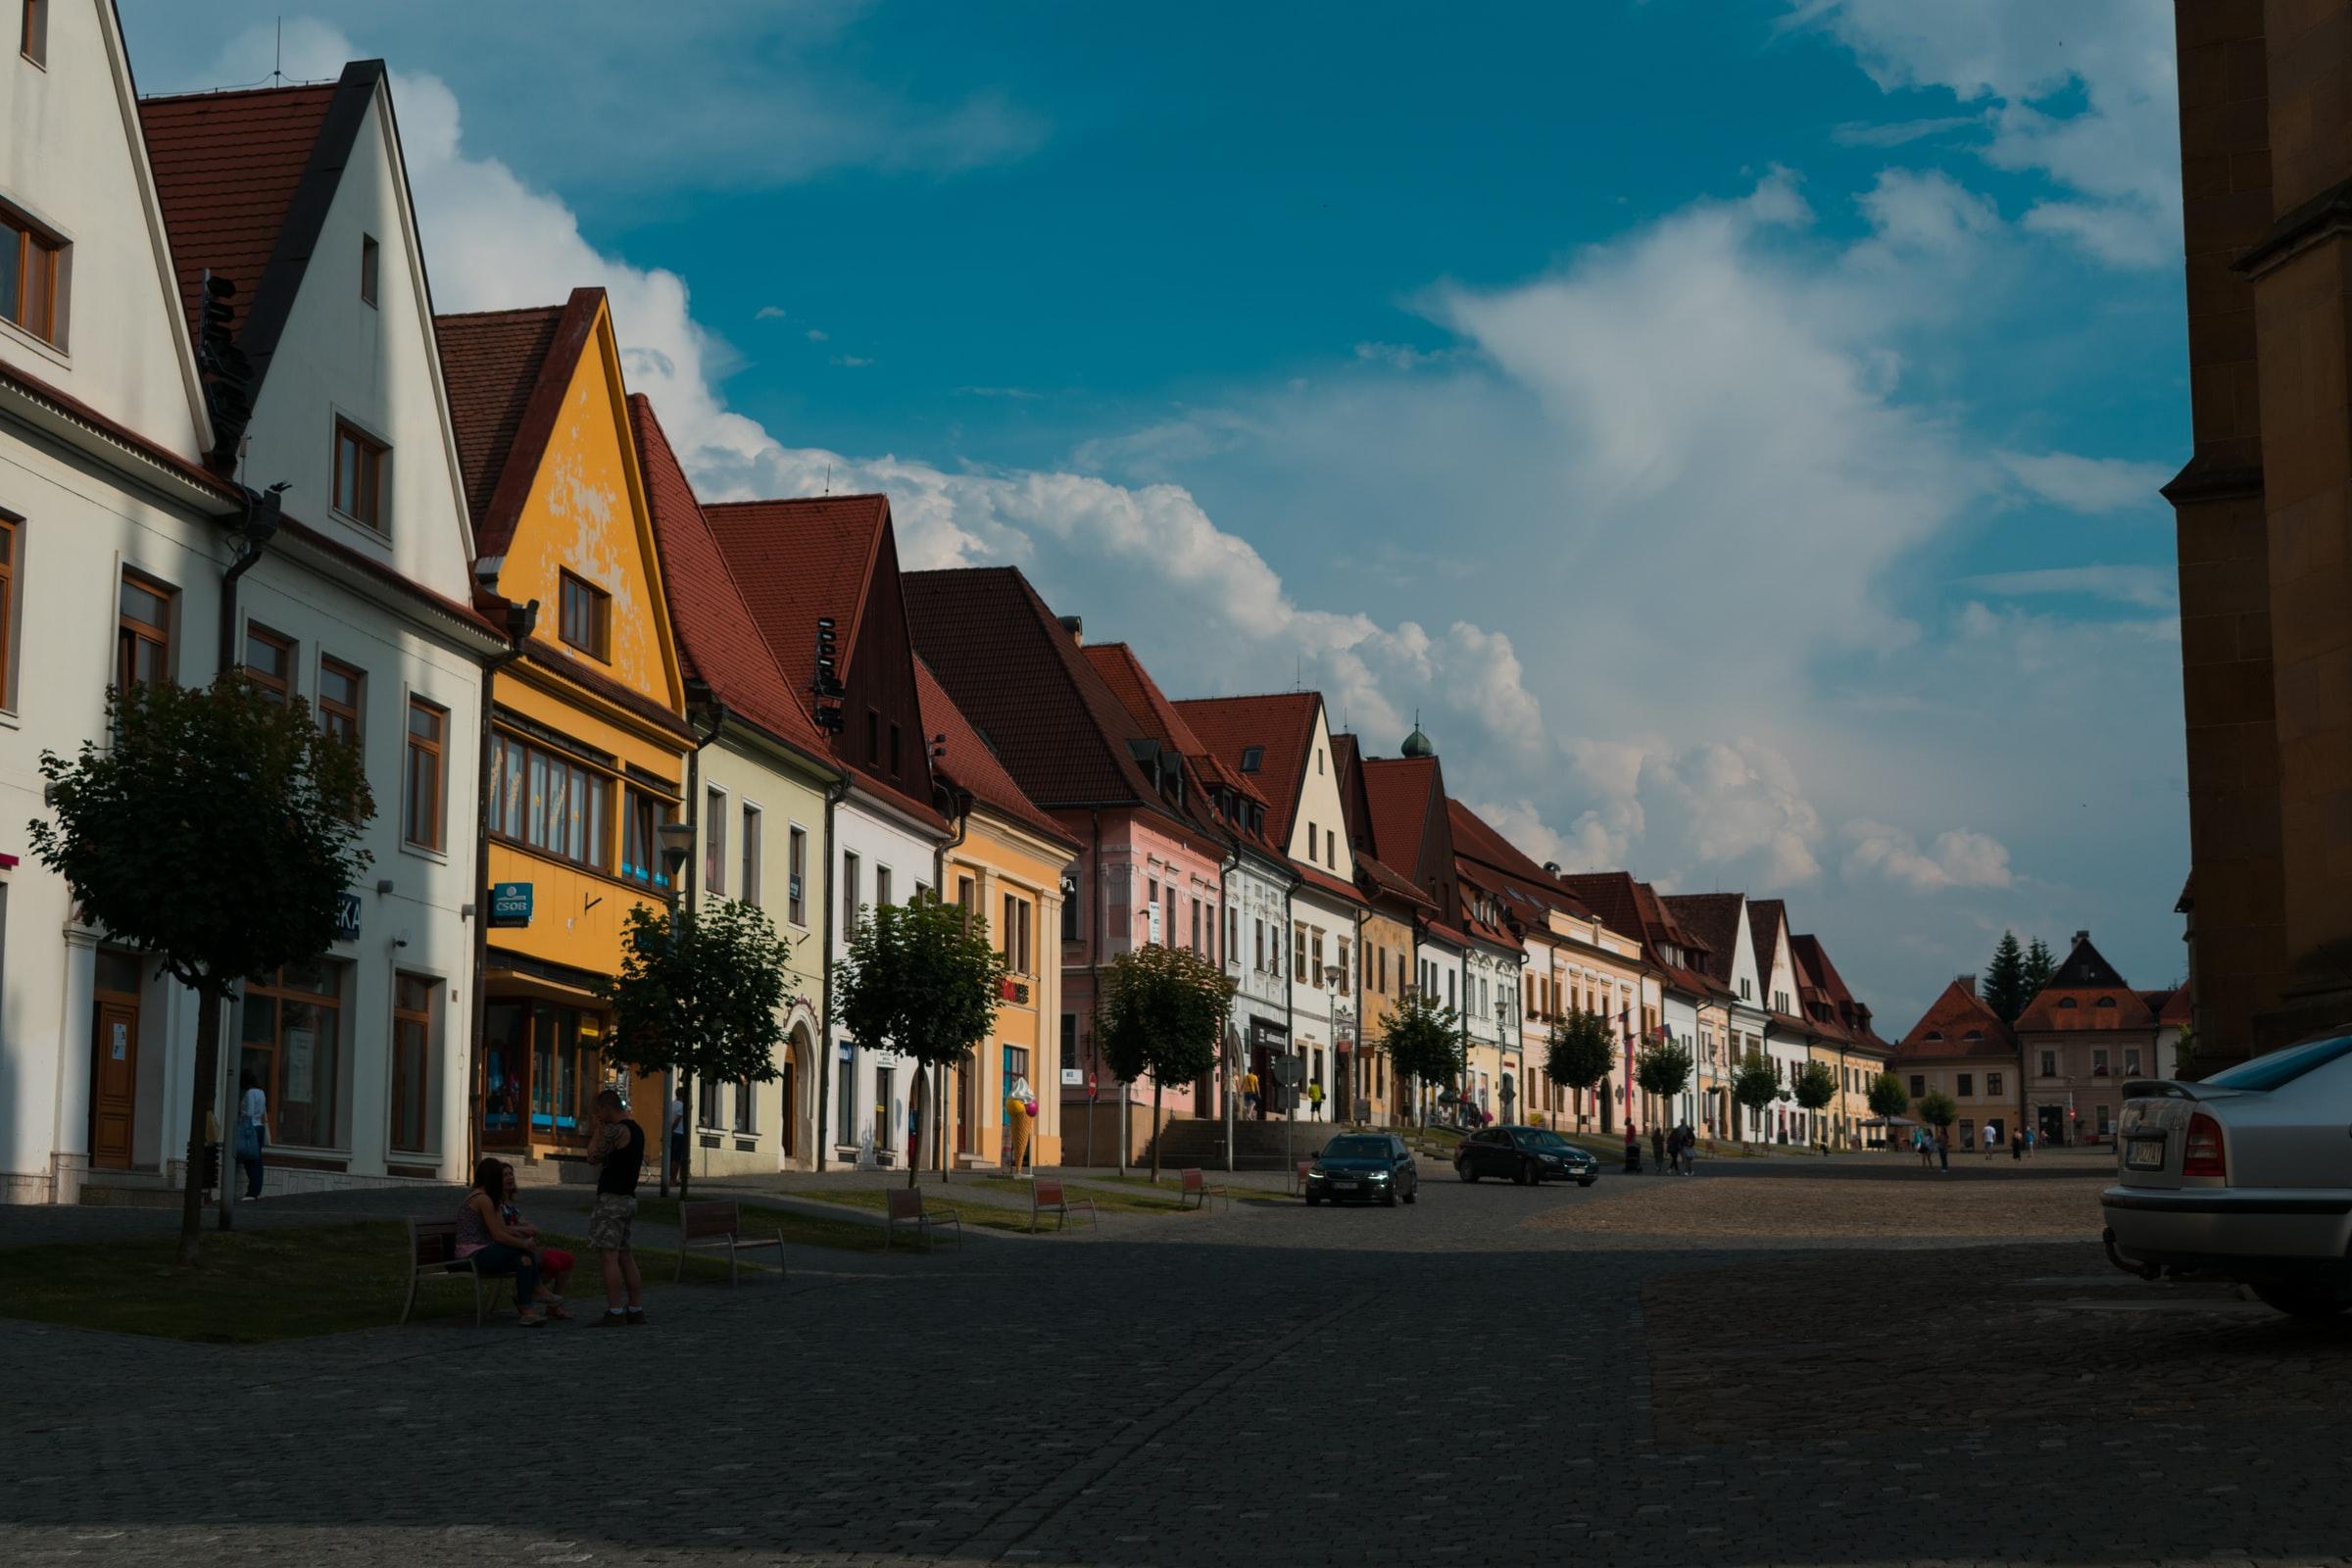 Slowakei Urlaub - Häuser